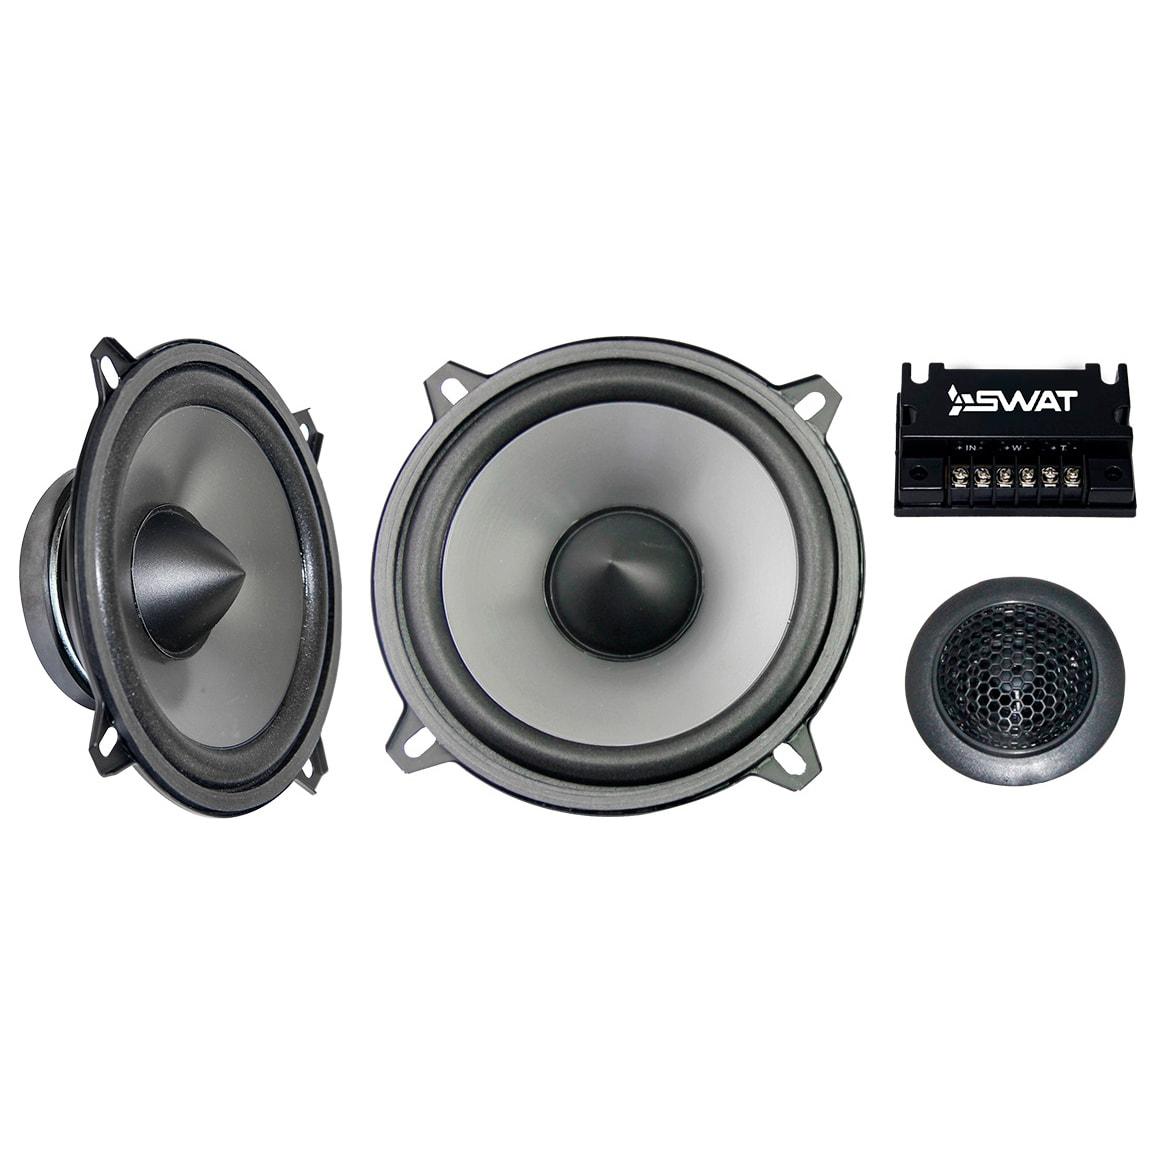 2-компонентная акустика Swat SP-B5.2